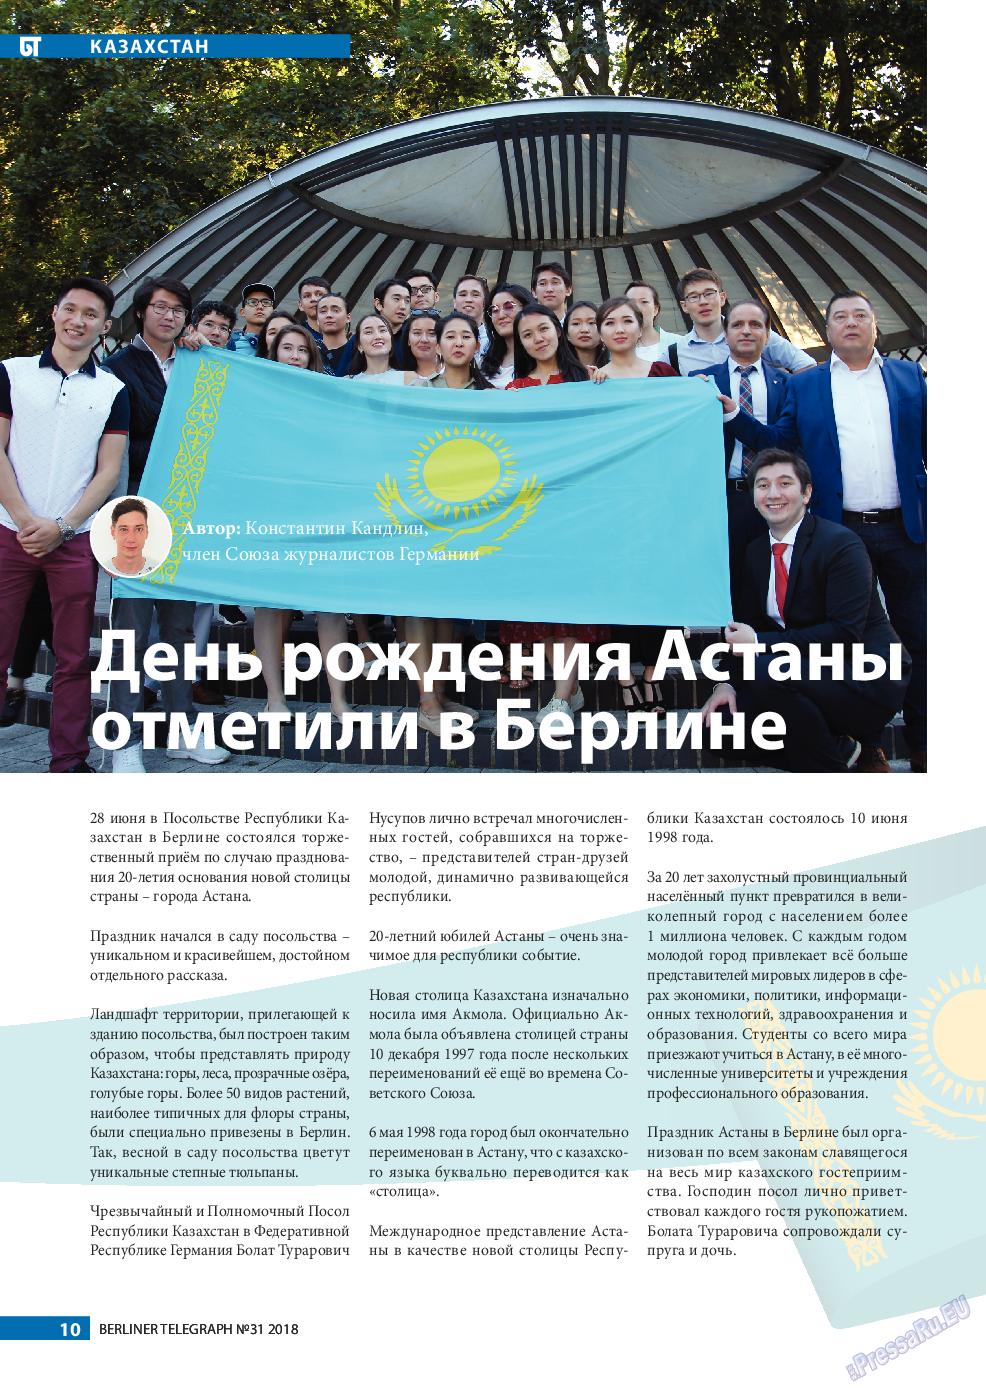 Берлинский телеграф (журнал). 2018 год, номер 31, стр. 10